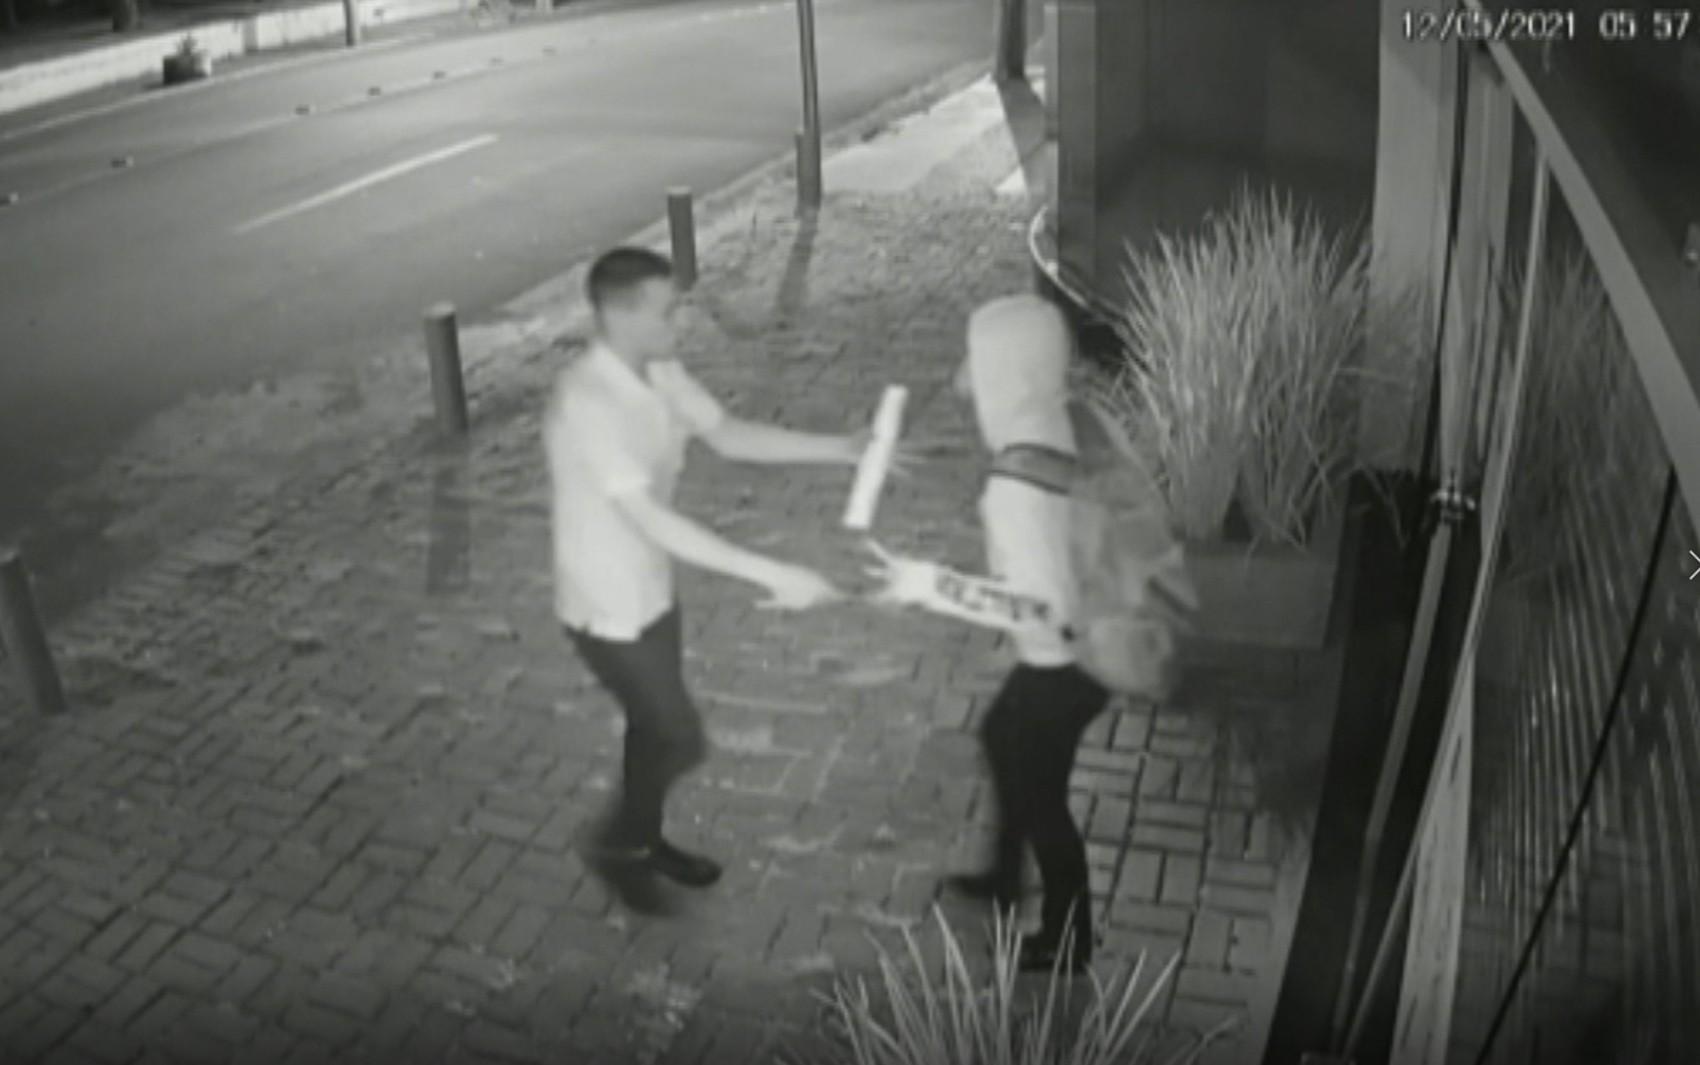 Mulher luta contra assaltante e consegue se salvar após ser ajudada por motorista de ônibus em Anápolis; vídeo